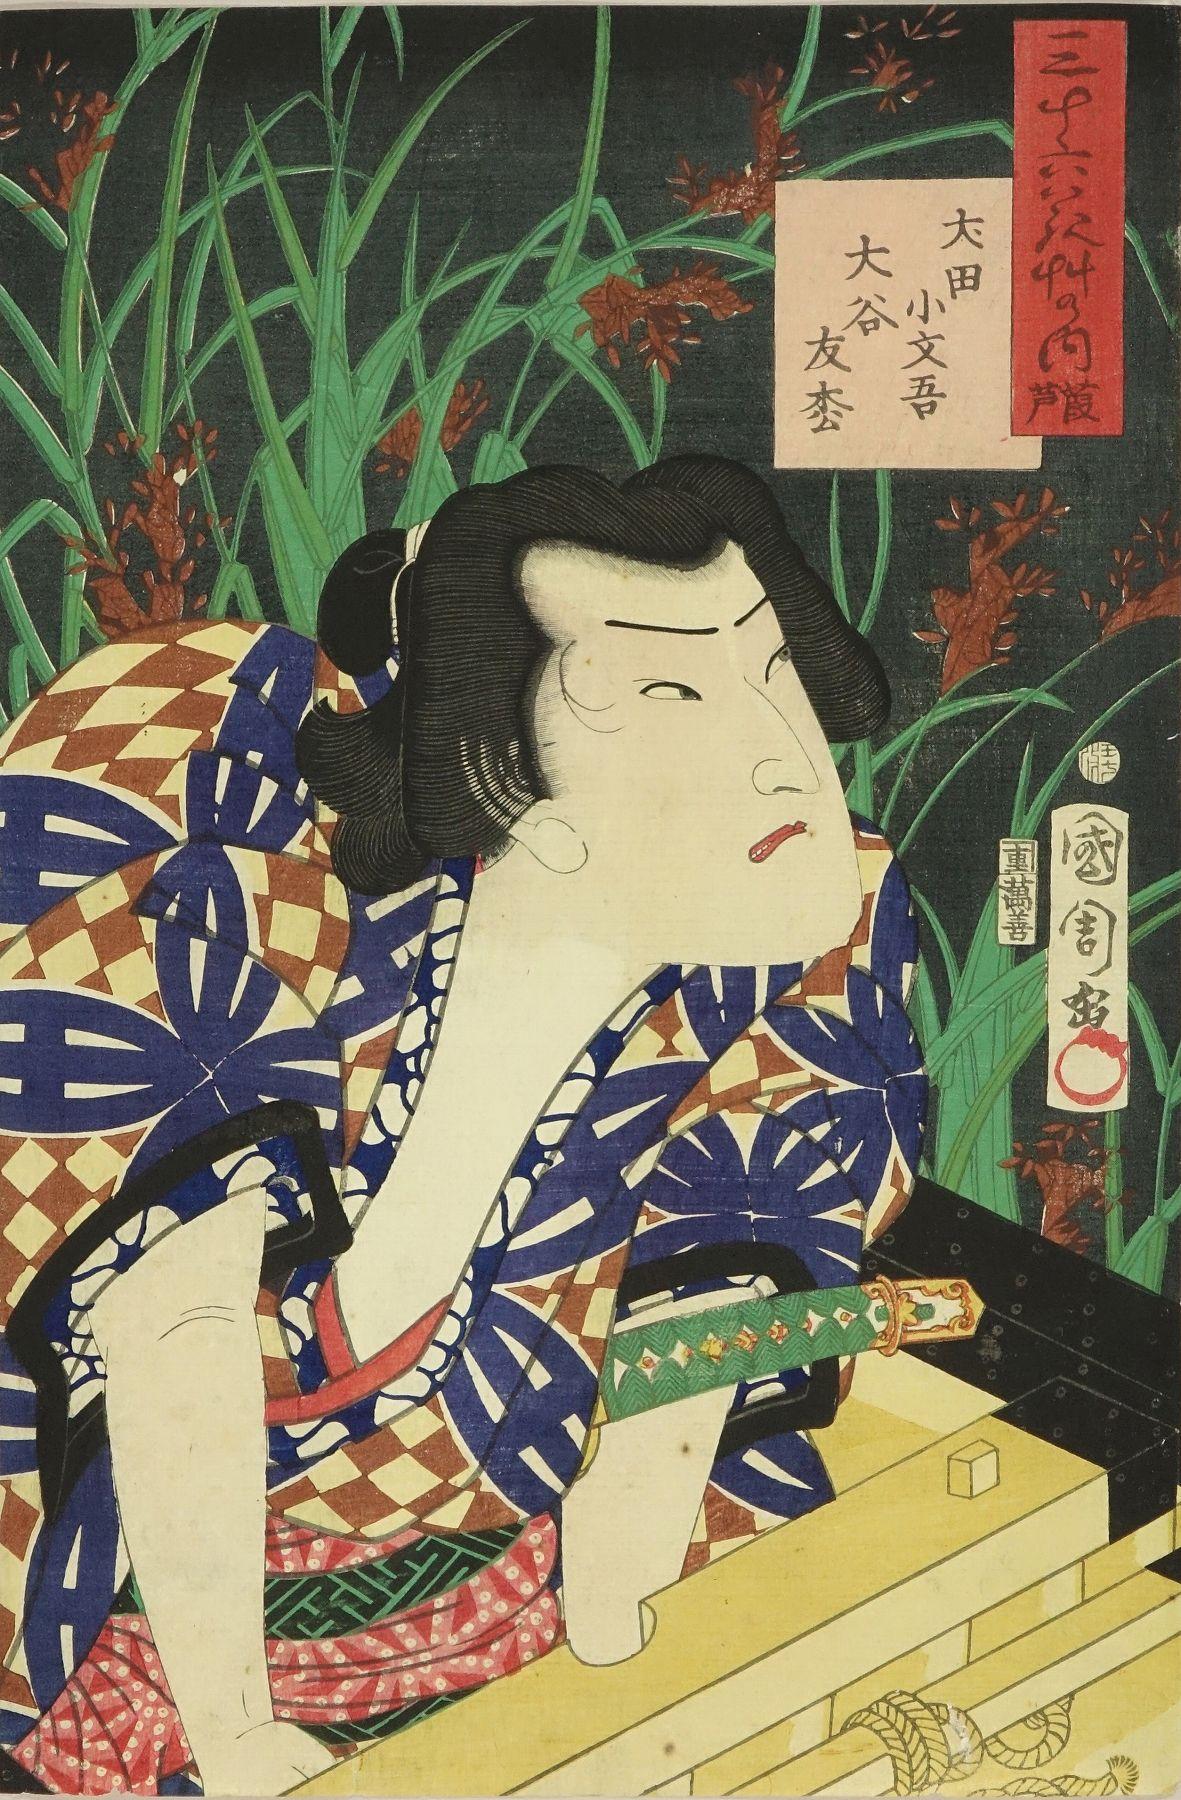 KUNICHIKA Portrait of the actor Otani Tomomatsu in the role of Inuta Kobungo, subtitled <i>Yoshi</i> (reeds), from <i>Sanjurokkaso no uchi</i> (Thirty-six flower and plants)